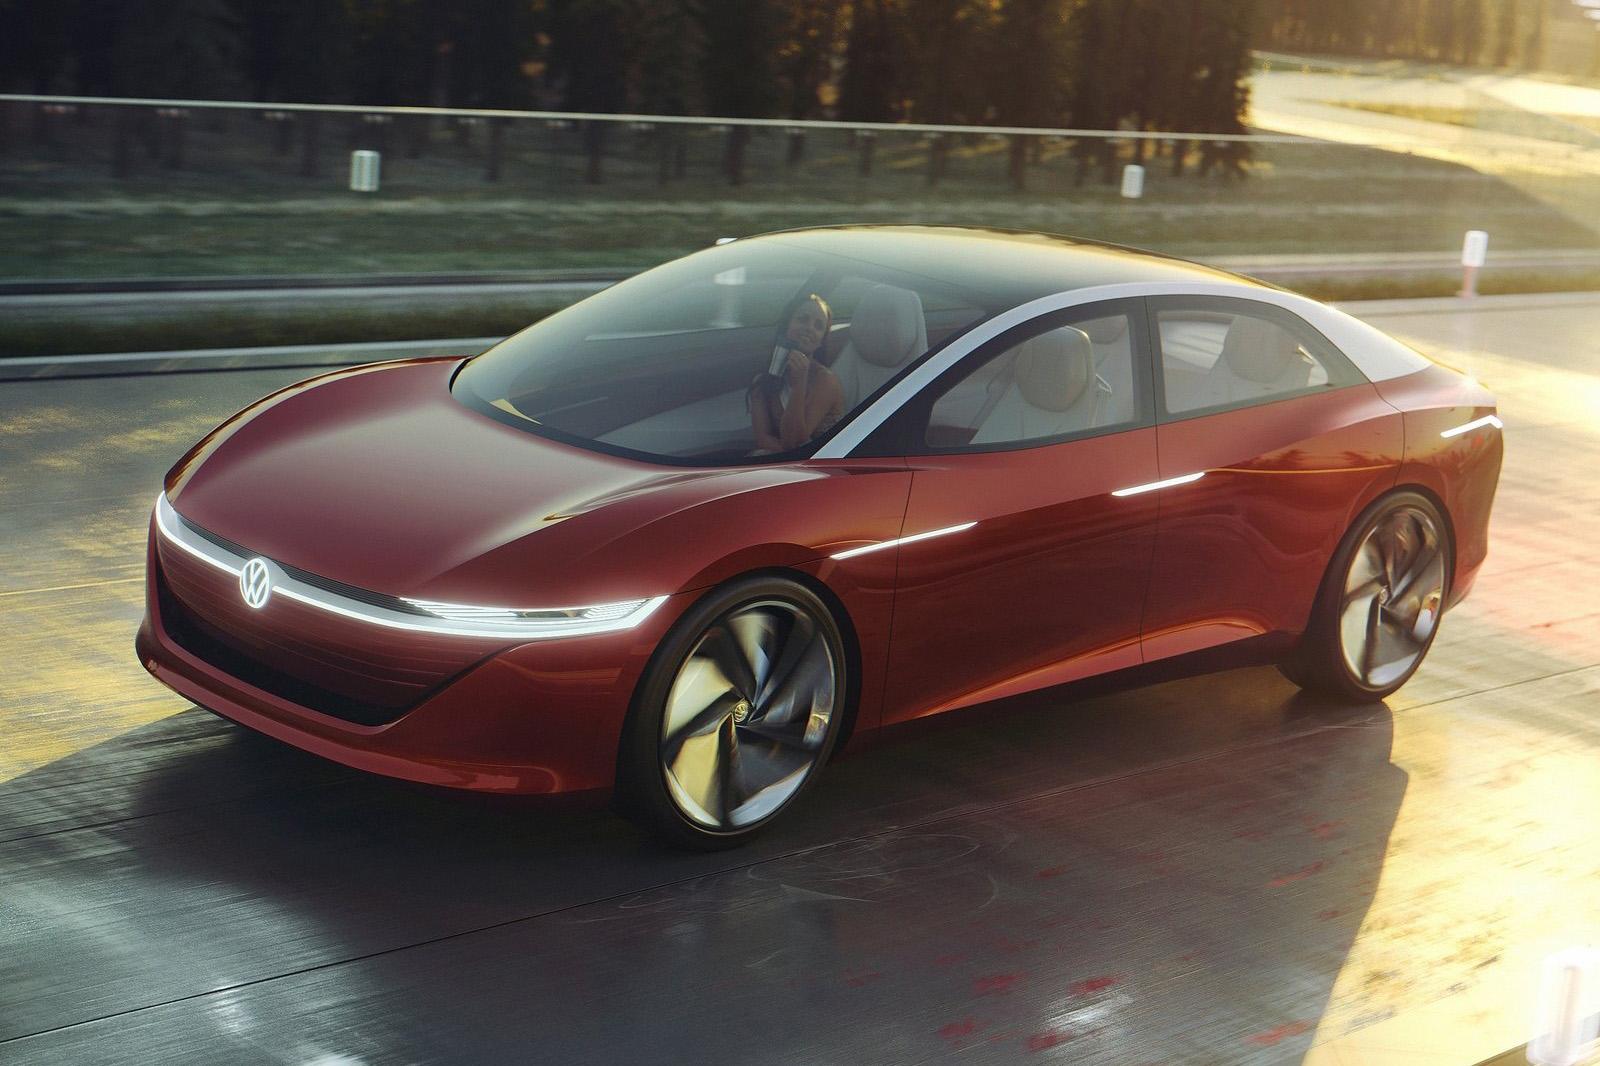 預計 2022 年入列的斜背版本 ID.5。圖為其概念車 I.D.Vizzion。